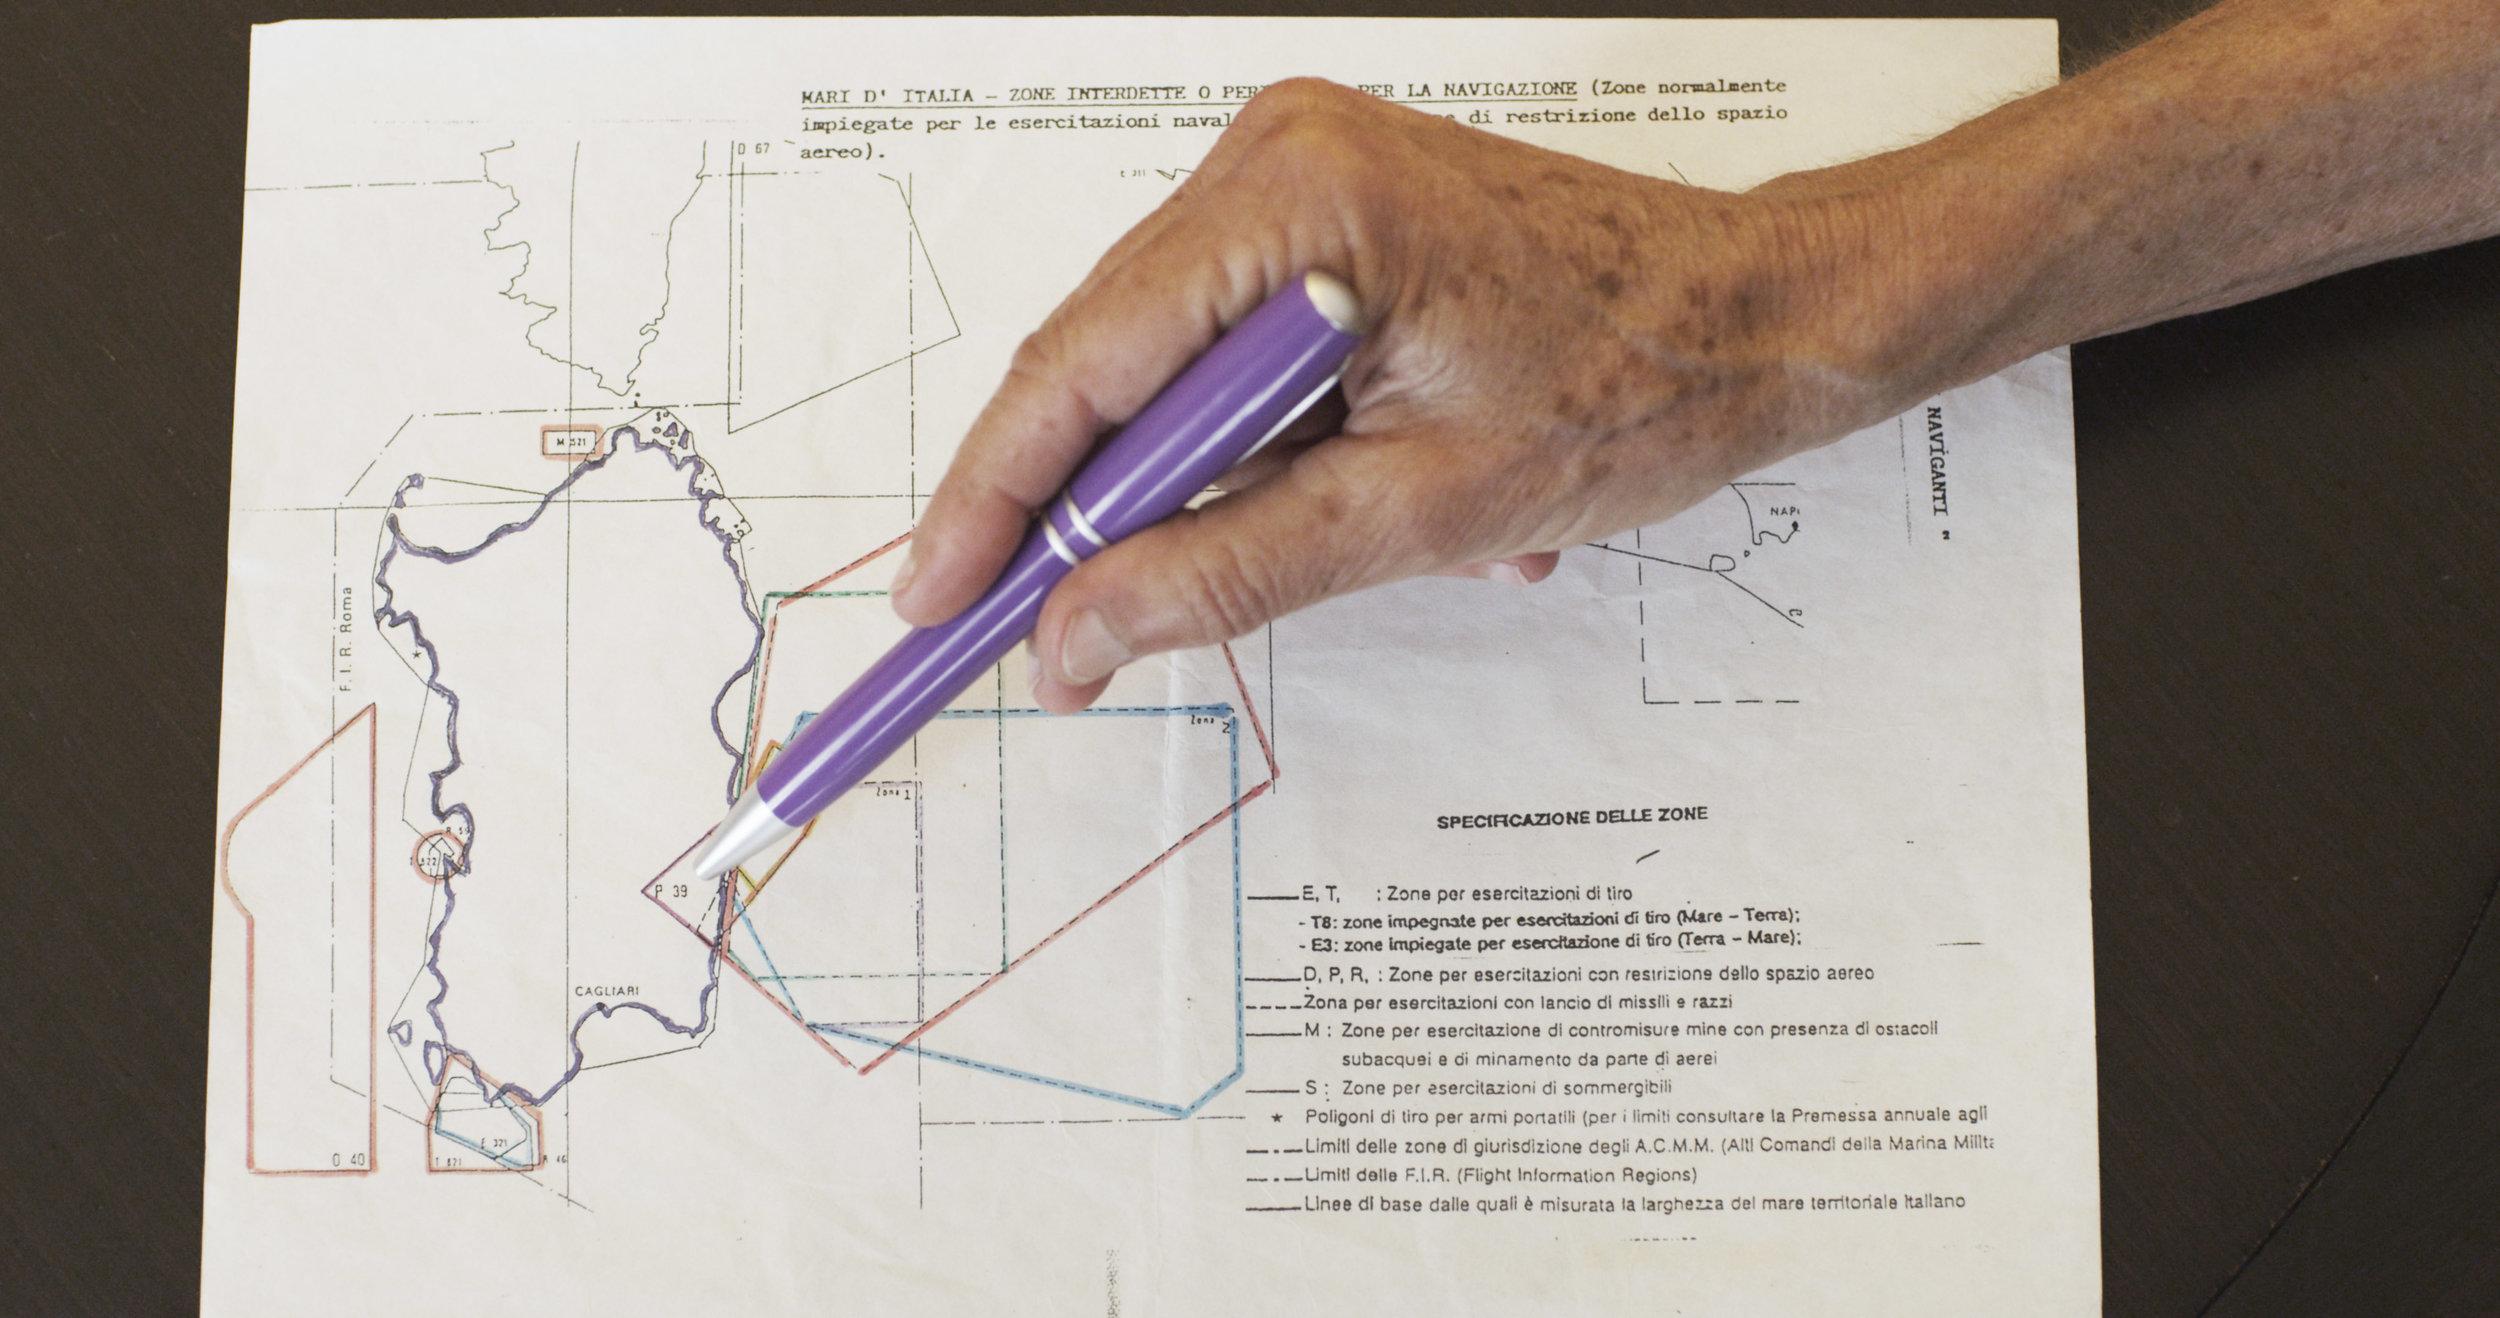 Zones Hand Pen.jpg